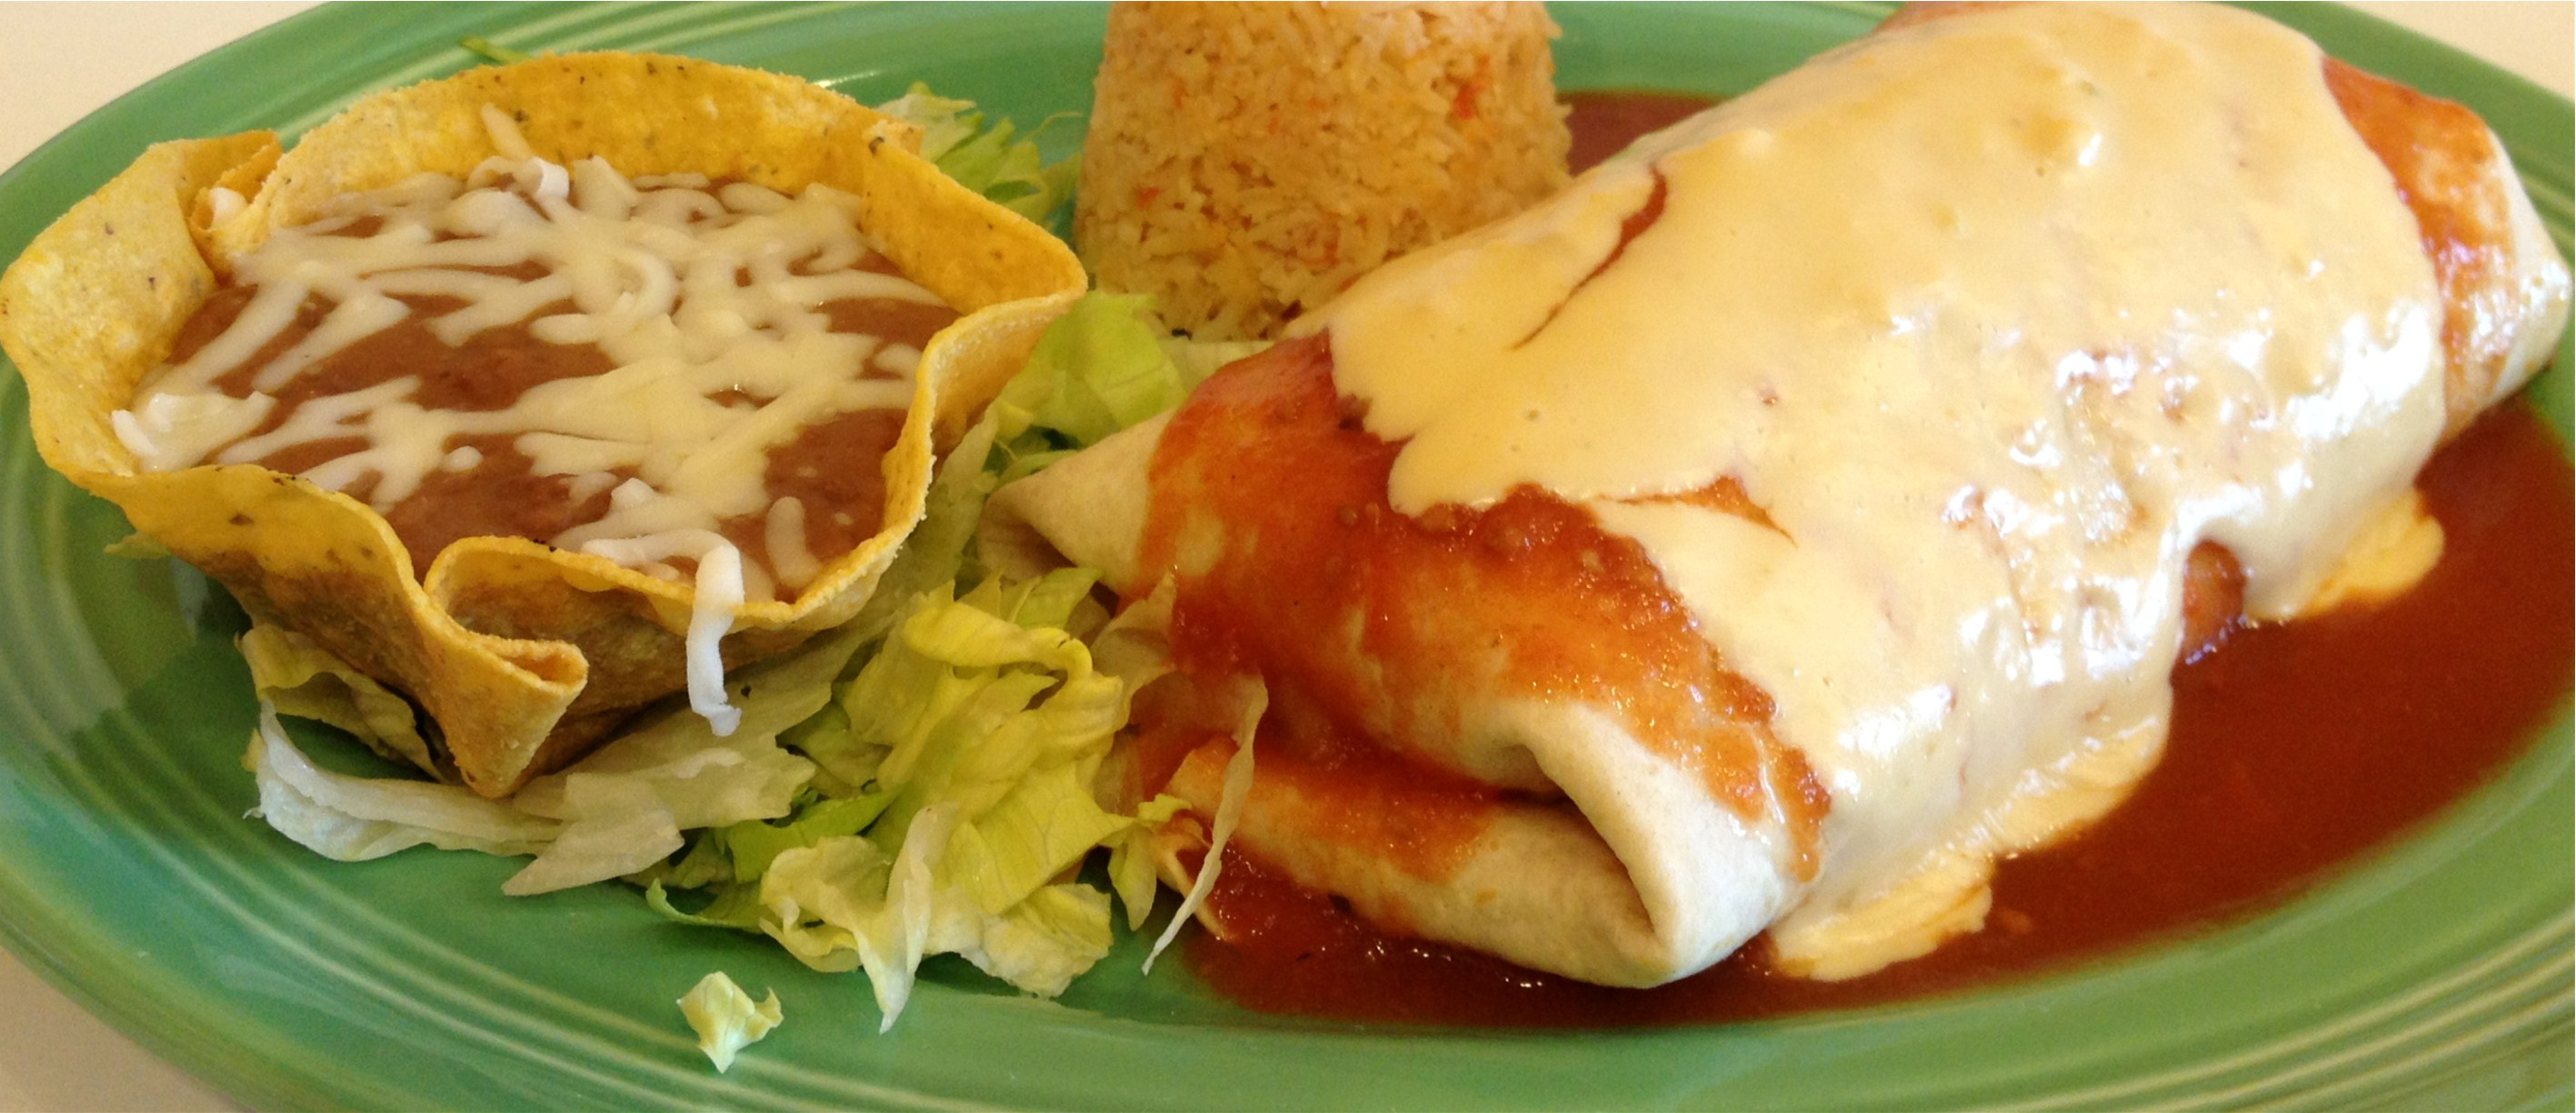 Burrito Fronterizo Image